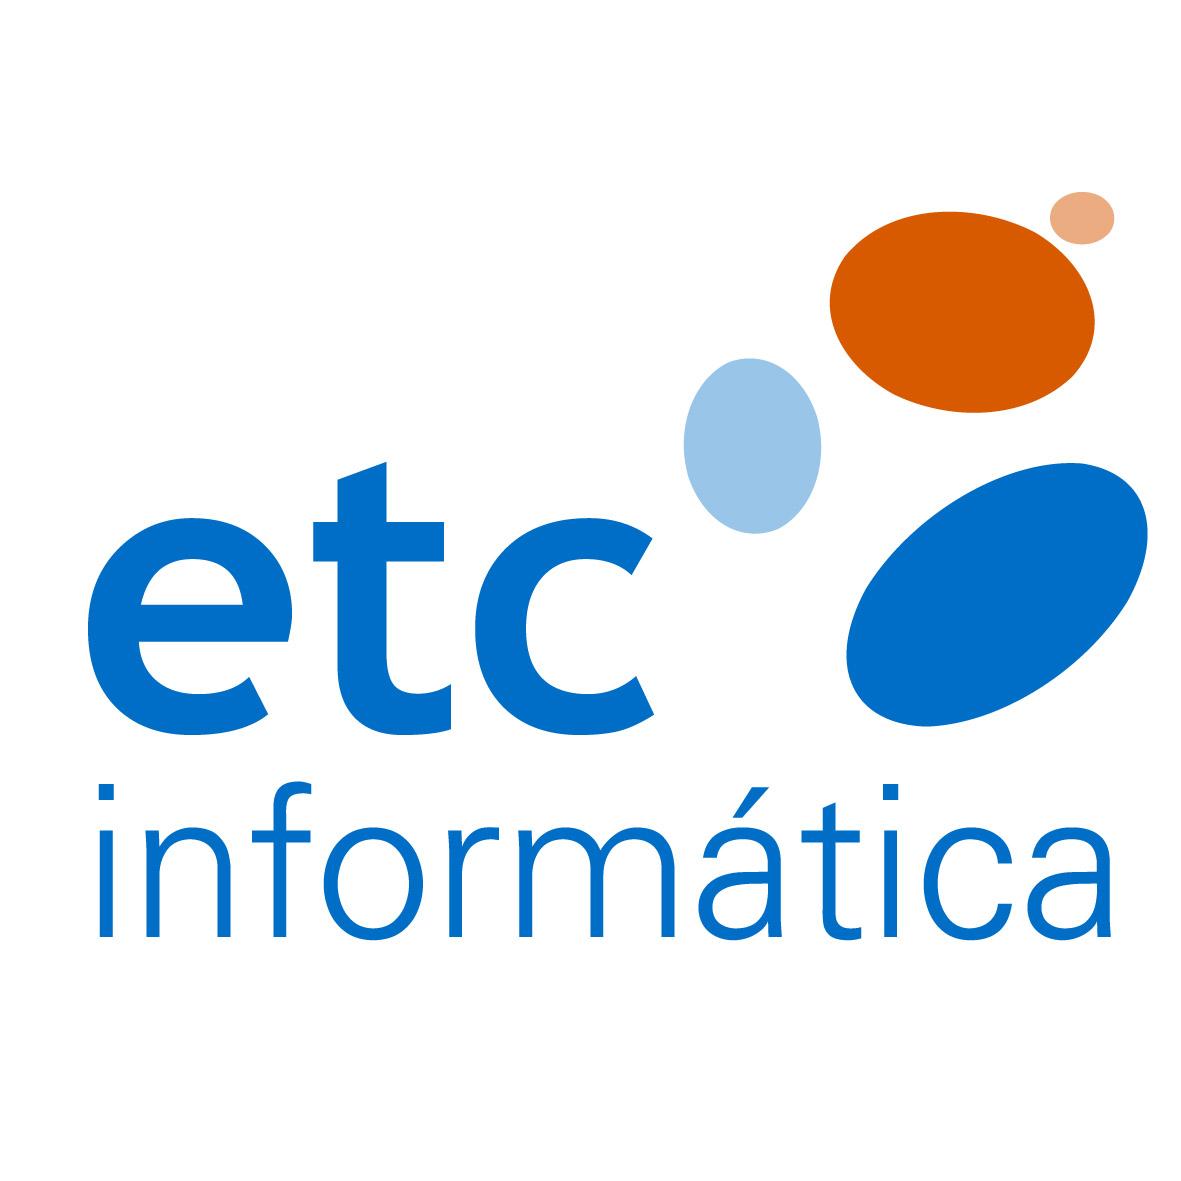 ETC Informática